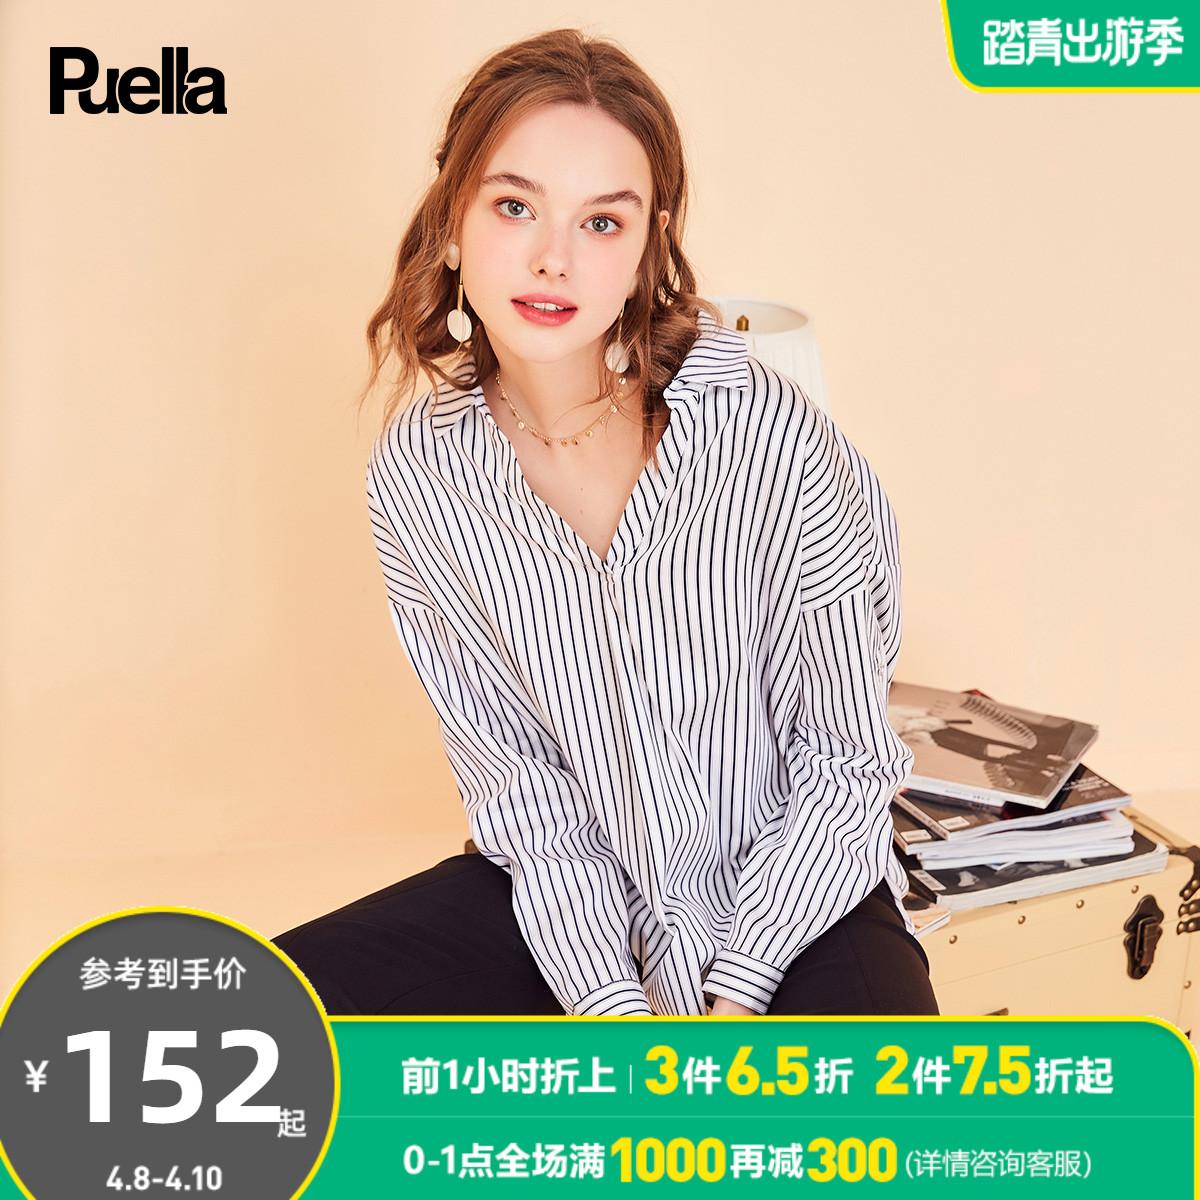 定制衬衫与普通衬衫区别_yyds衬衫_ro棉衬衫升级衬衫